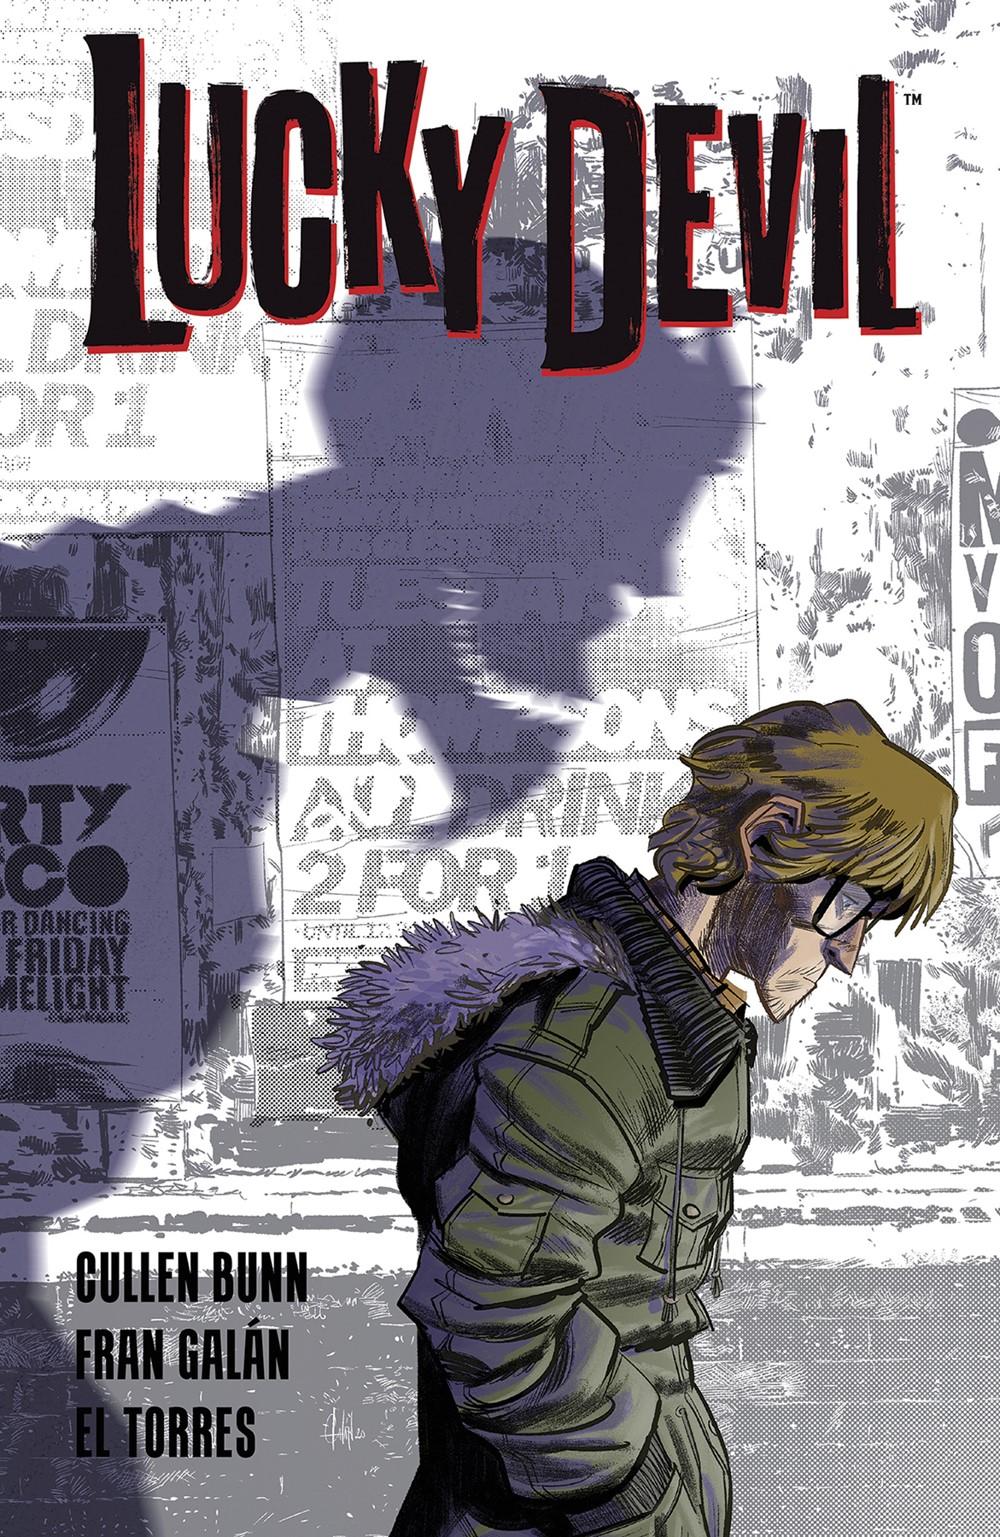 LYDEVIL_TPB_CVR_4x6_SOL Dark Horse Comics December 2021 Solicitations